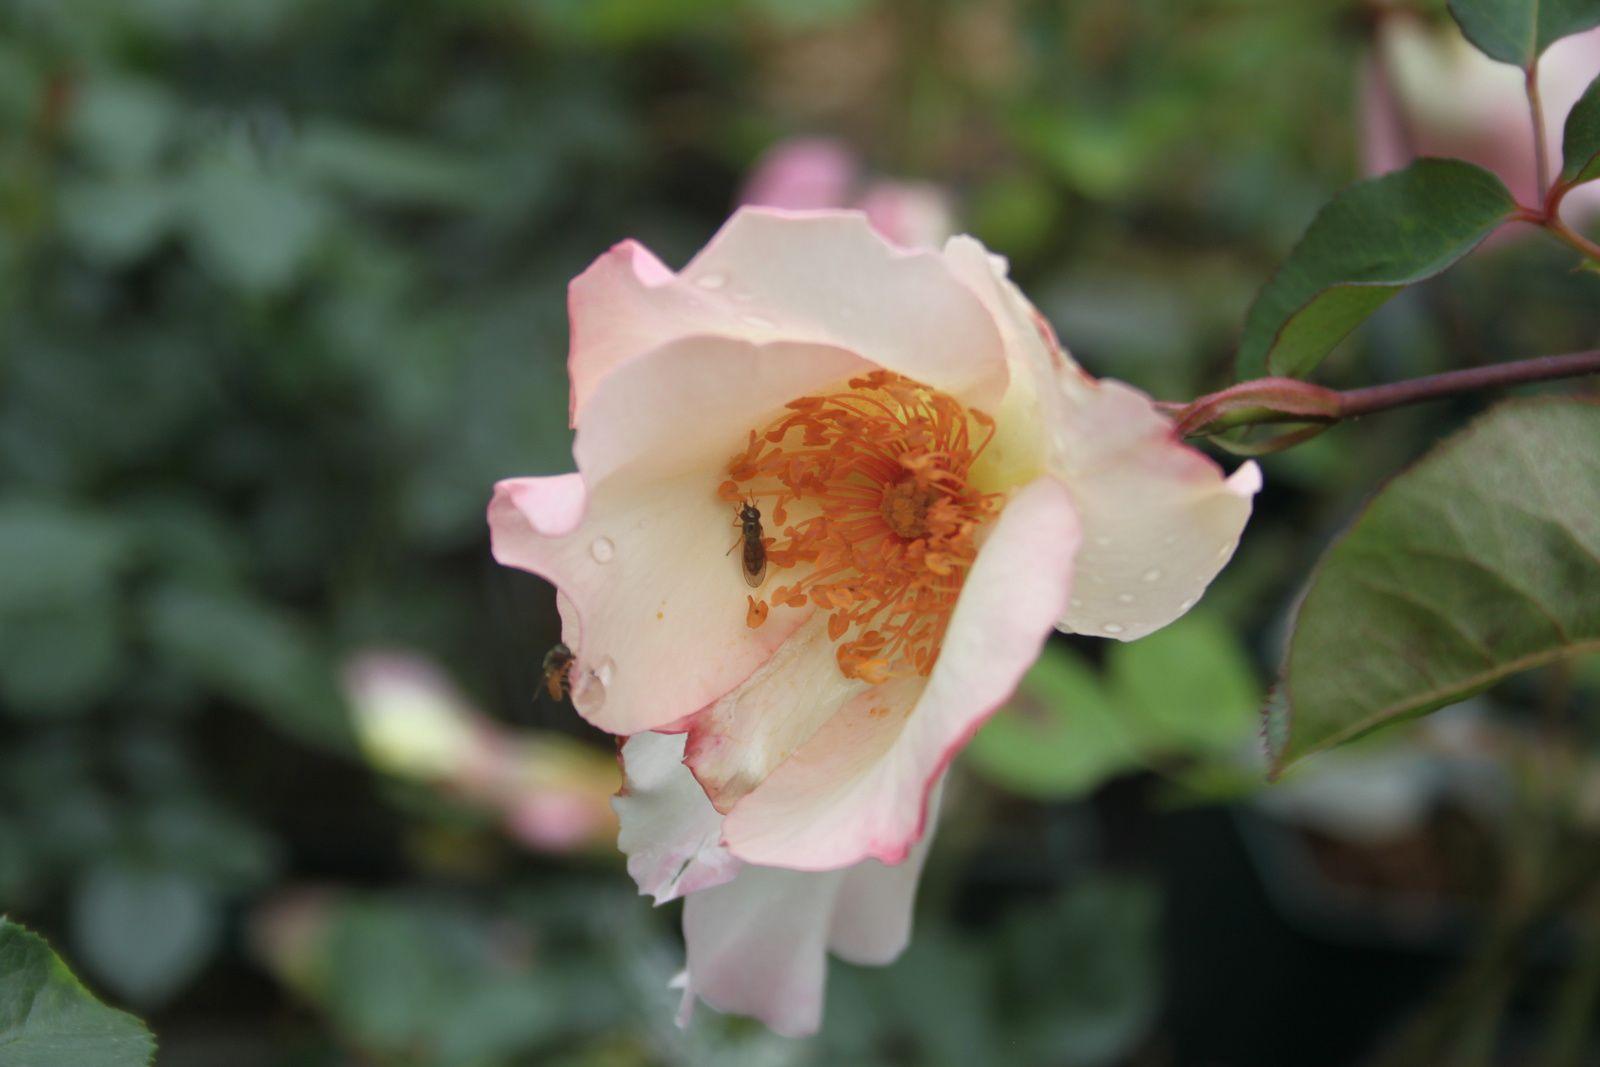 Portes ouvertes de Daniel Schmitz 2014: c'est quoi une rose ?